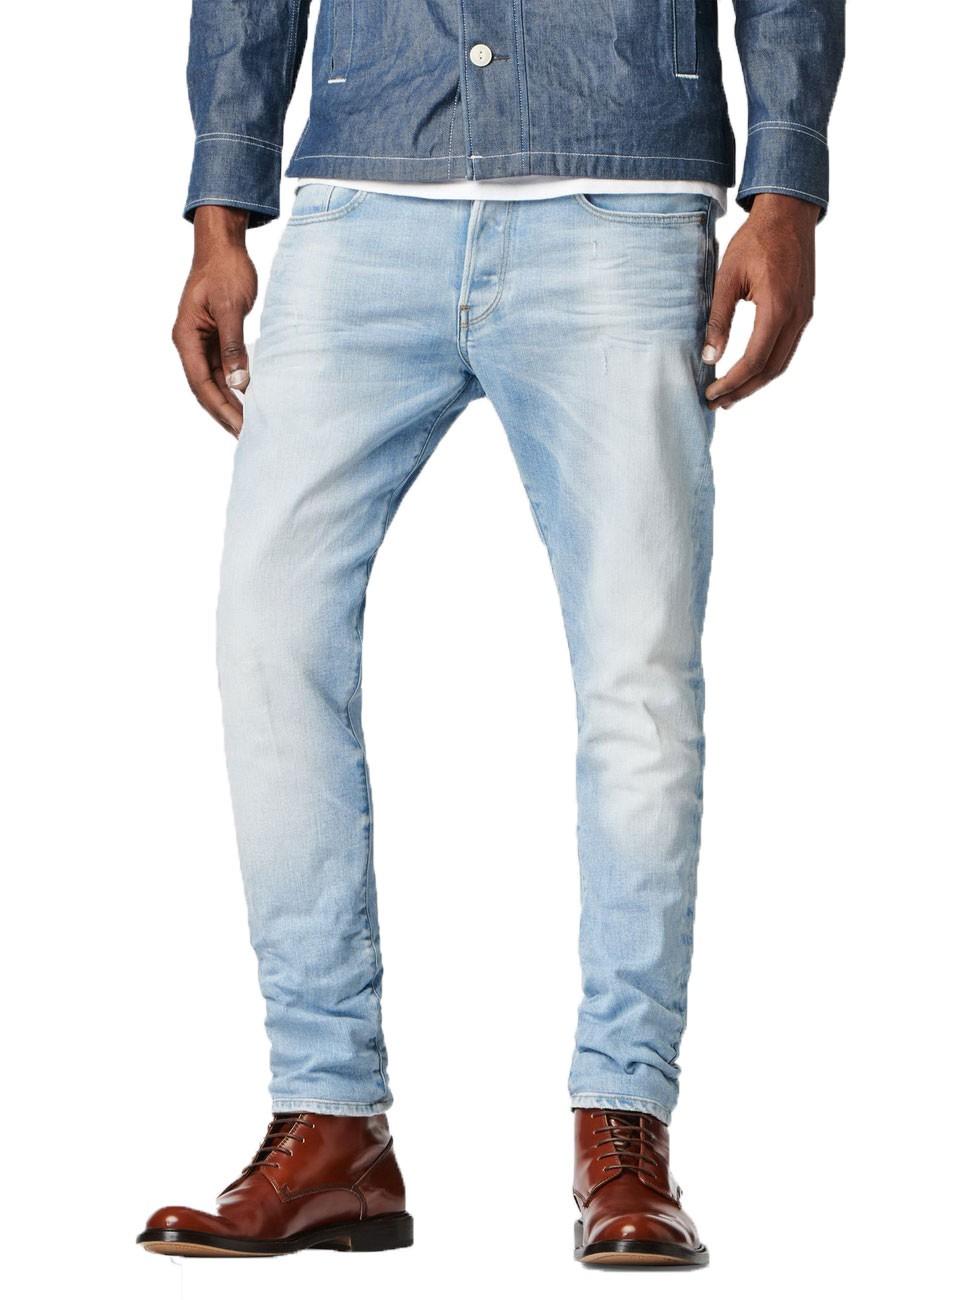 g star herren jeans 3301 tapered fit it aged ebay. Black Bedroom Furniture Sets. Home Design Ideas